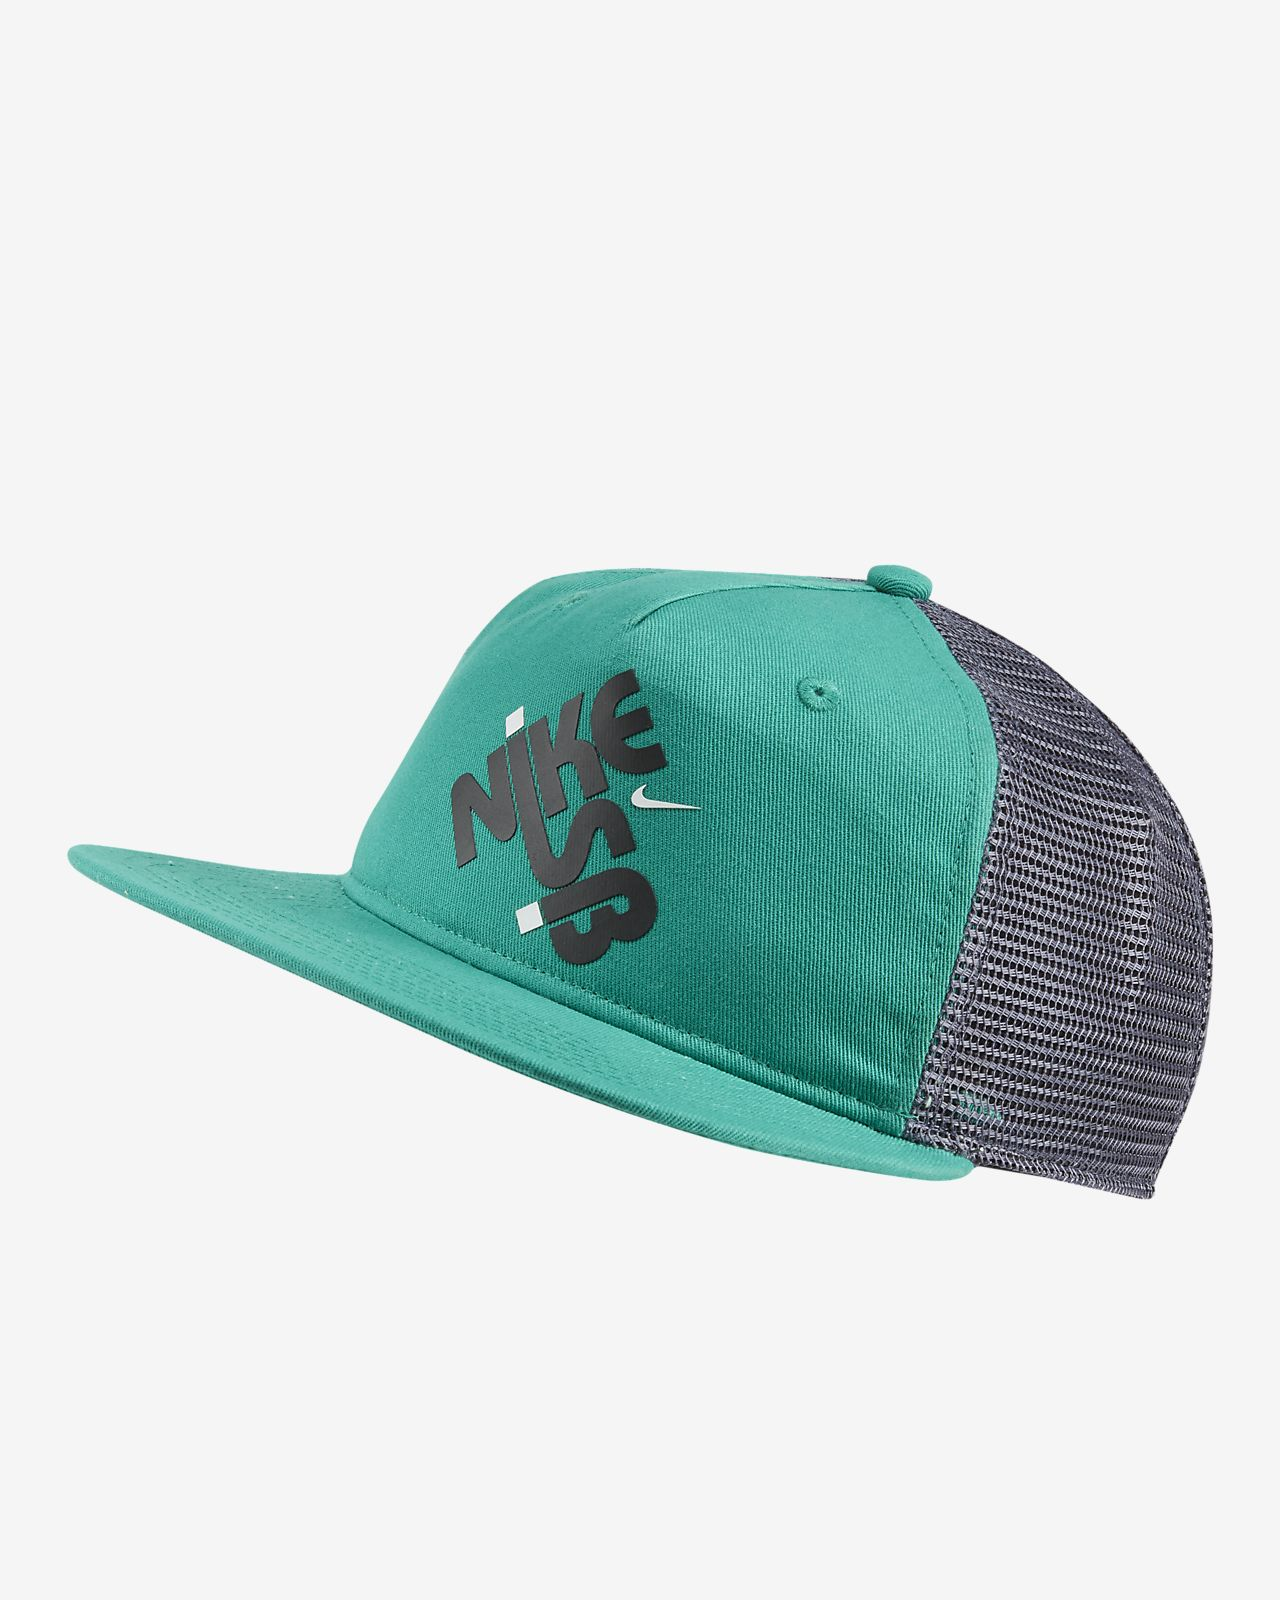 Nike SB Graphic Skate Trucker Hat